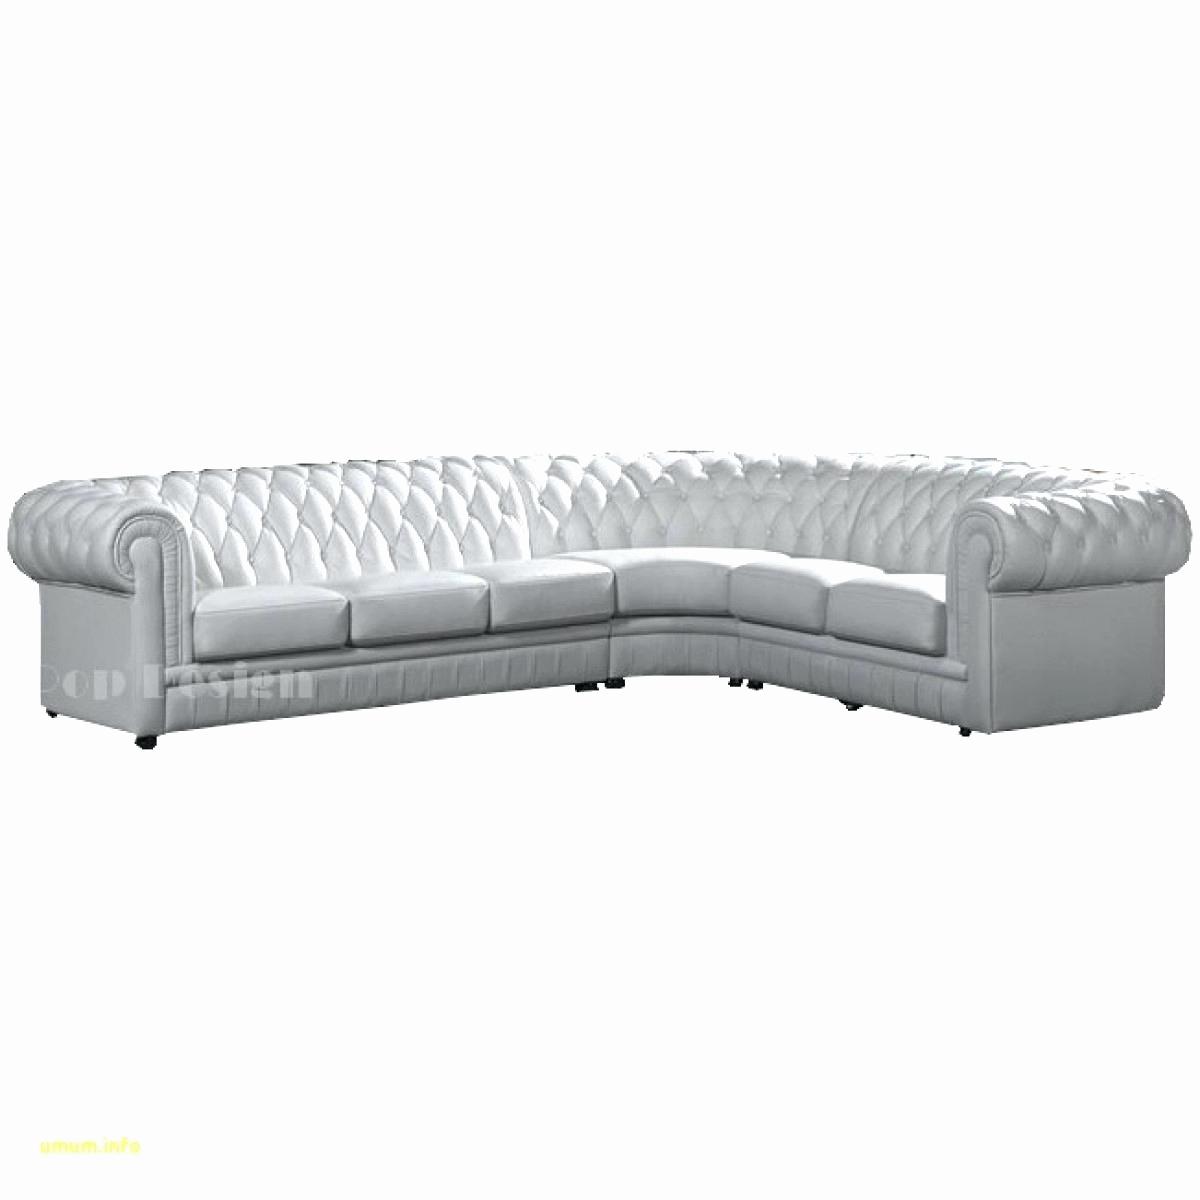 Bz Pas Cher Ikea Beau Photographie Canape Convertible Bz Nouveau Ikea Housse Bz Best sofa Inspirational